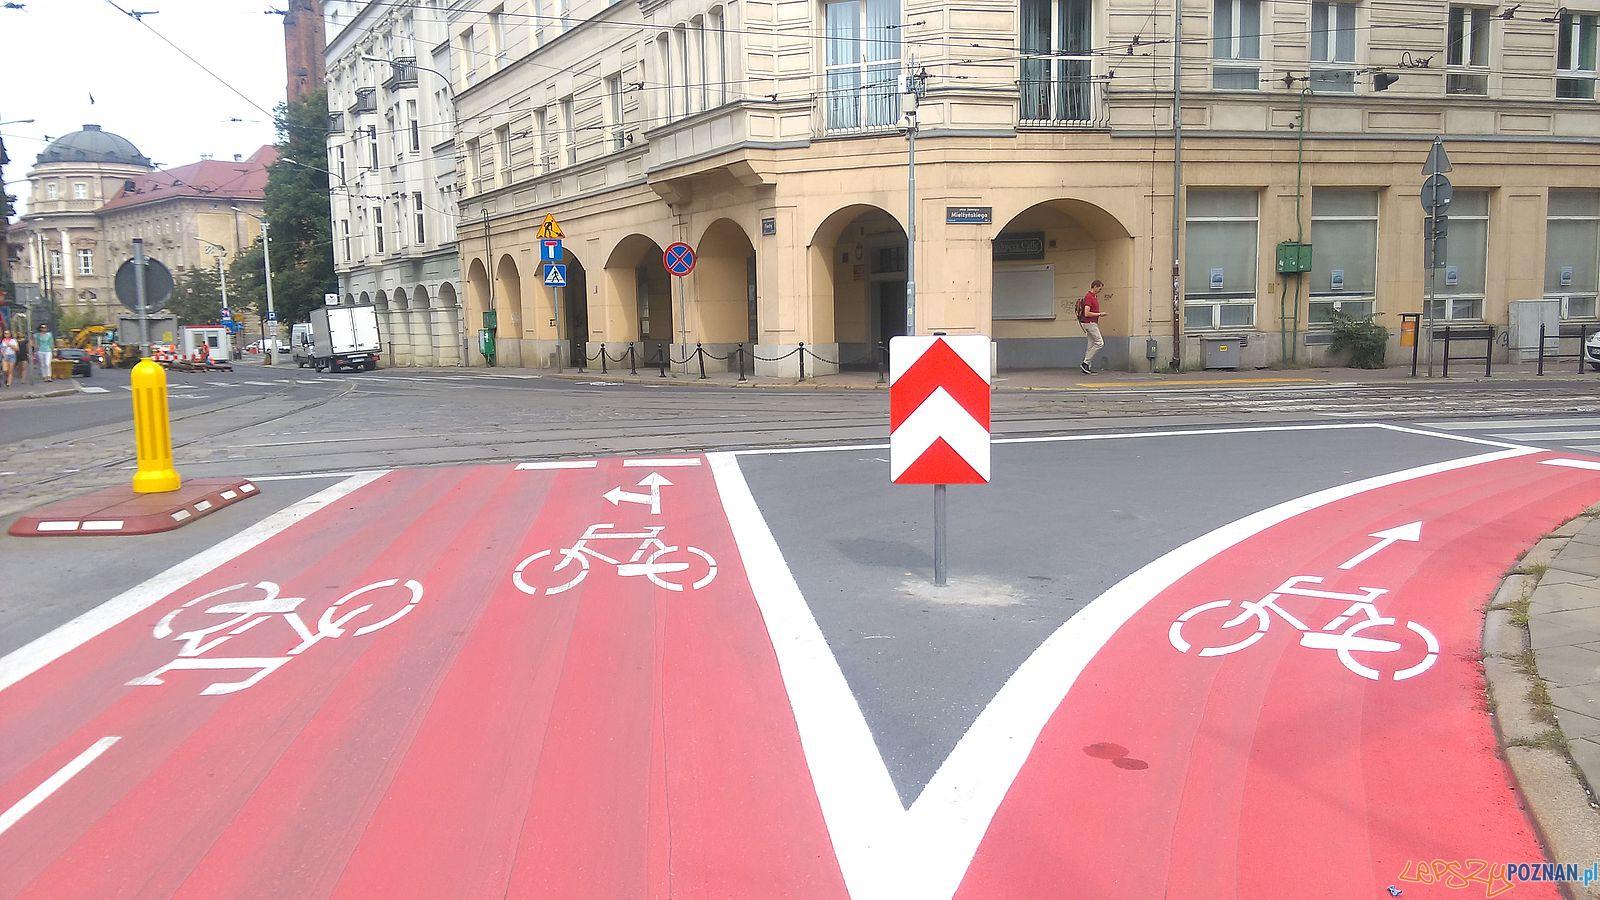 Sciezka rowerowa na Fredry - Strefa Tempo 30  Foto: lepszyPOZNAN / TD